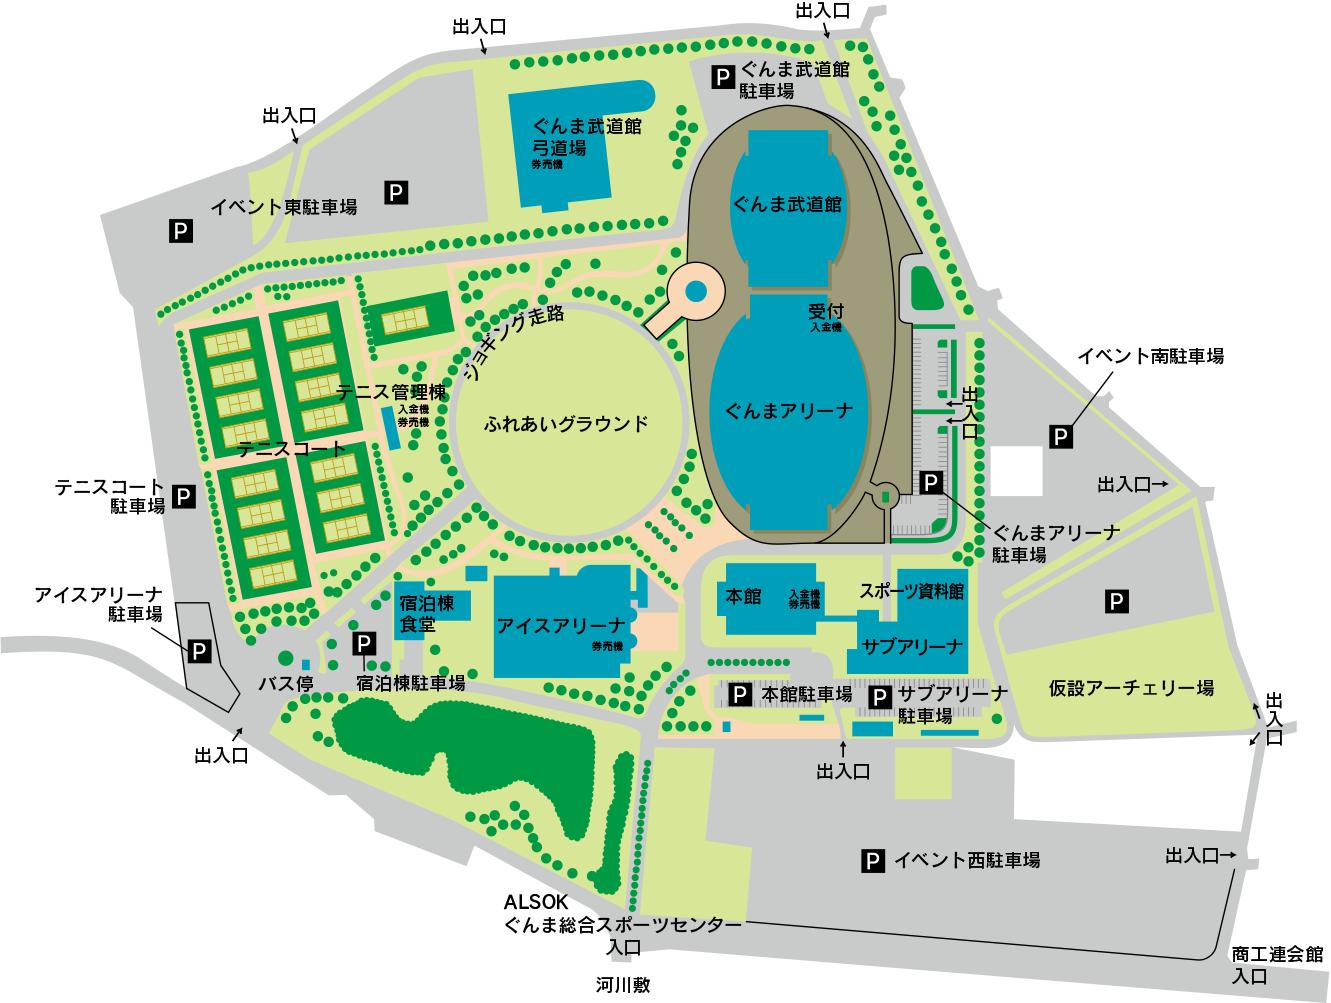 ALSOKぐんま総合スポーツセンター施設マップ